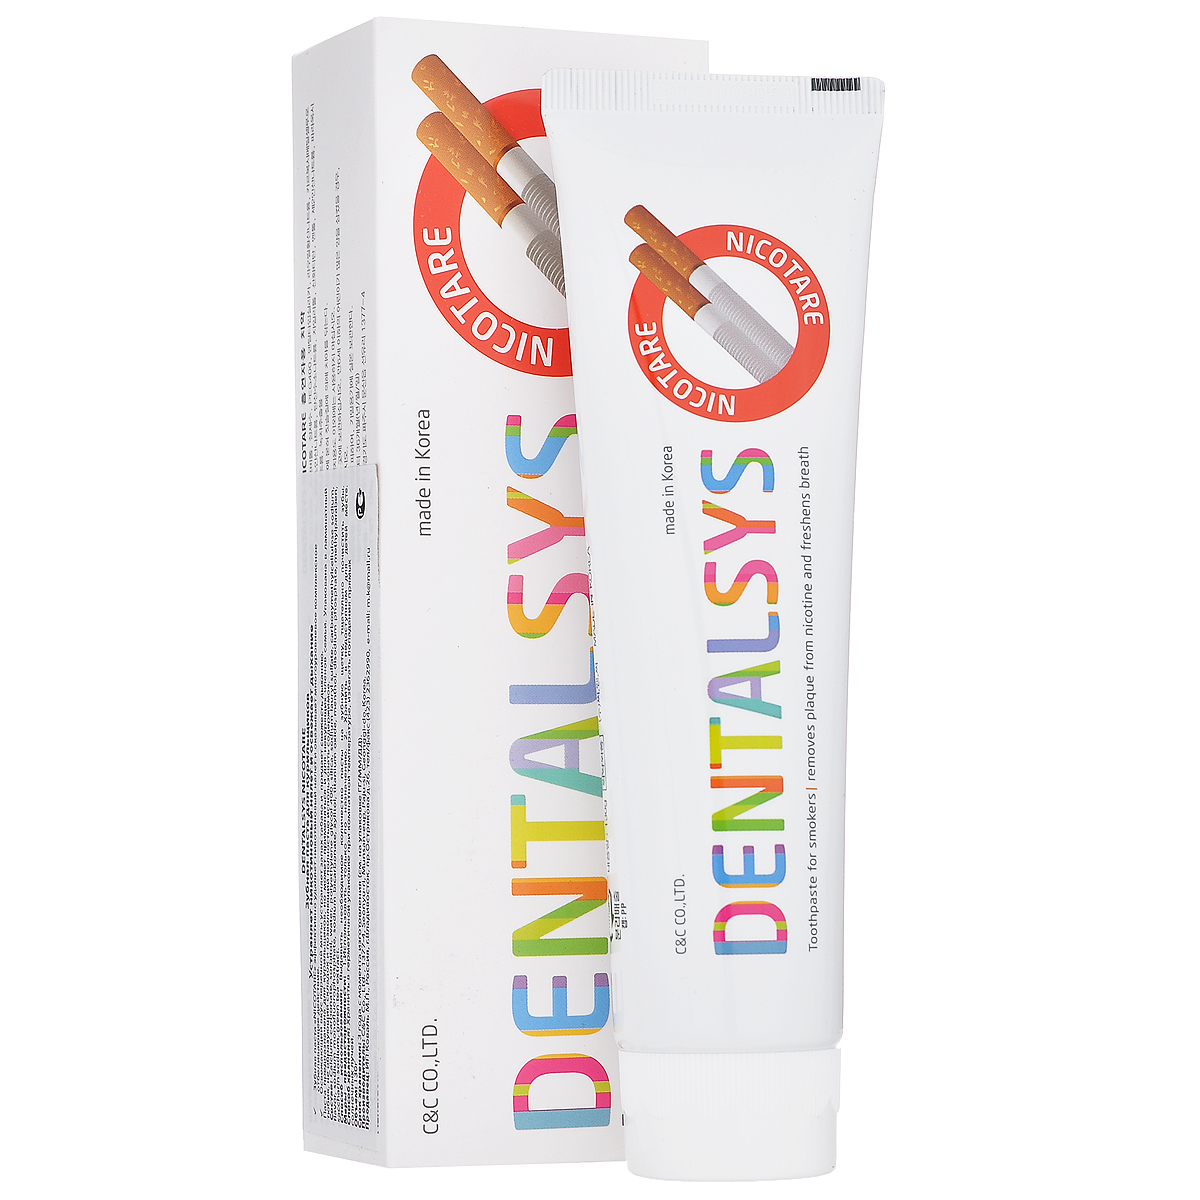 DC 2080 Зубная паста Dentalsys Nicotare, для курящих, 130 гSatin Hair 7 BR730MNЗубная паста DC 2080 Dentalsys Nicotare устраняет никотиновый налет и освежает дыхание. Оказывает многоуровневое комплексное отбеливающее действие. Освежающий вкус перечной мяты устраняет запах табака и придает свежесть дыханию. Паста предназначена для курильщиков, но может применяться и для некурящих членов семьи. Характеристики:Вес: 130 г. Артикул: 220598. Производитель: Корея. Товар сертифицирован.